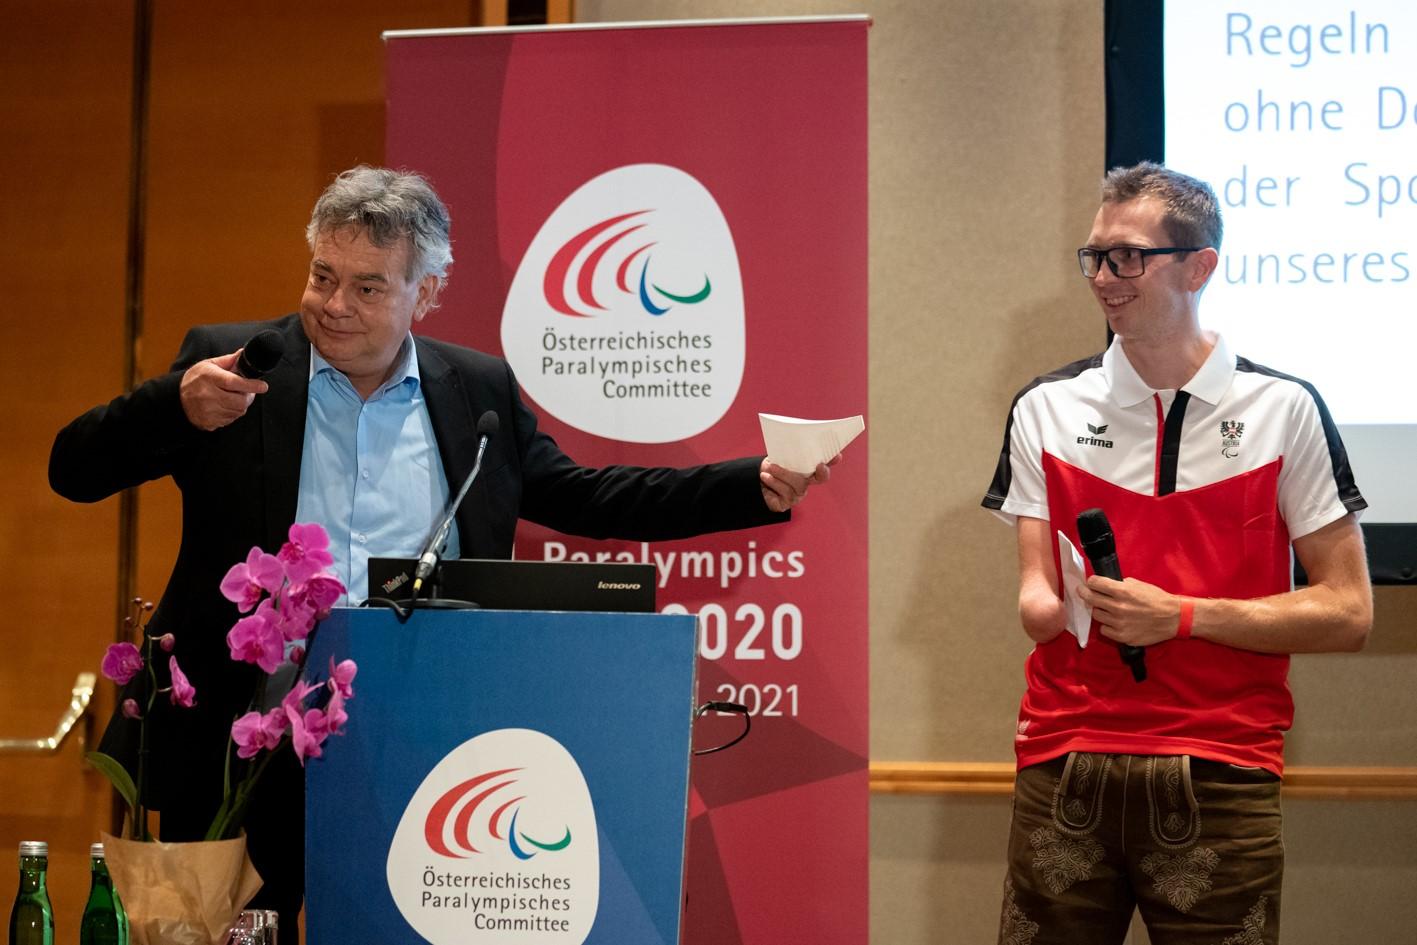 Medieninfo - Günther Matzinger - Matzinger mit ÖPC-Team für Tokio-Spiele verabschiedet